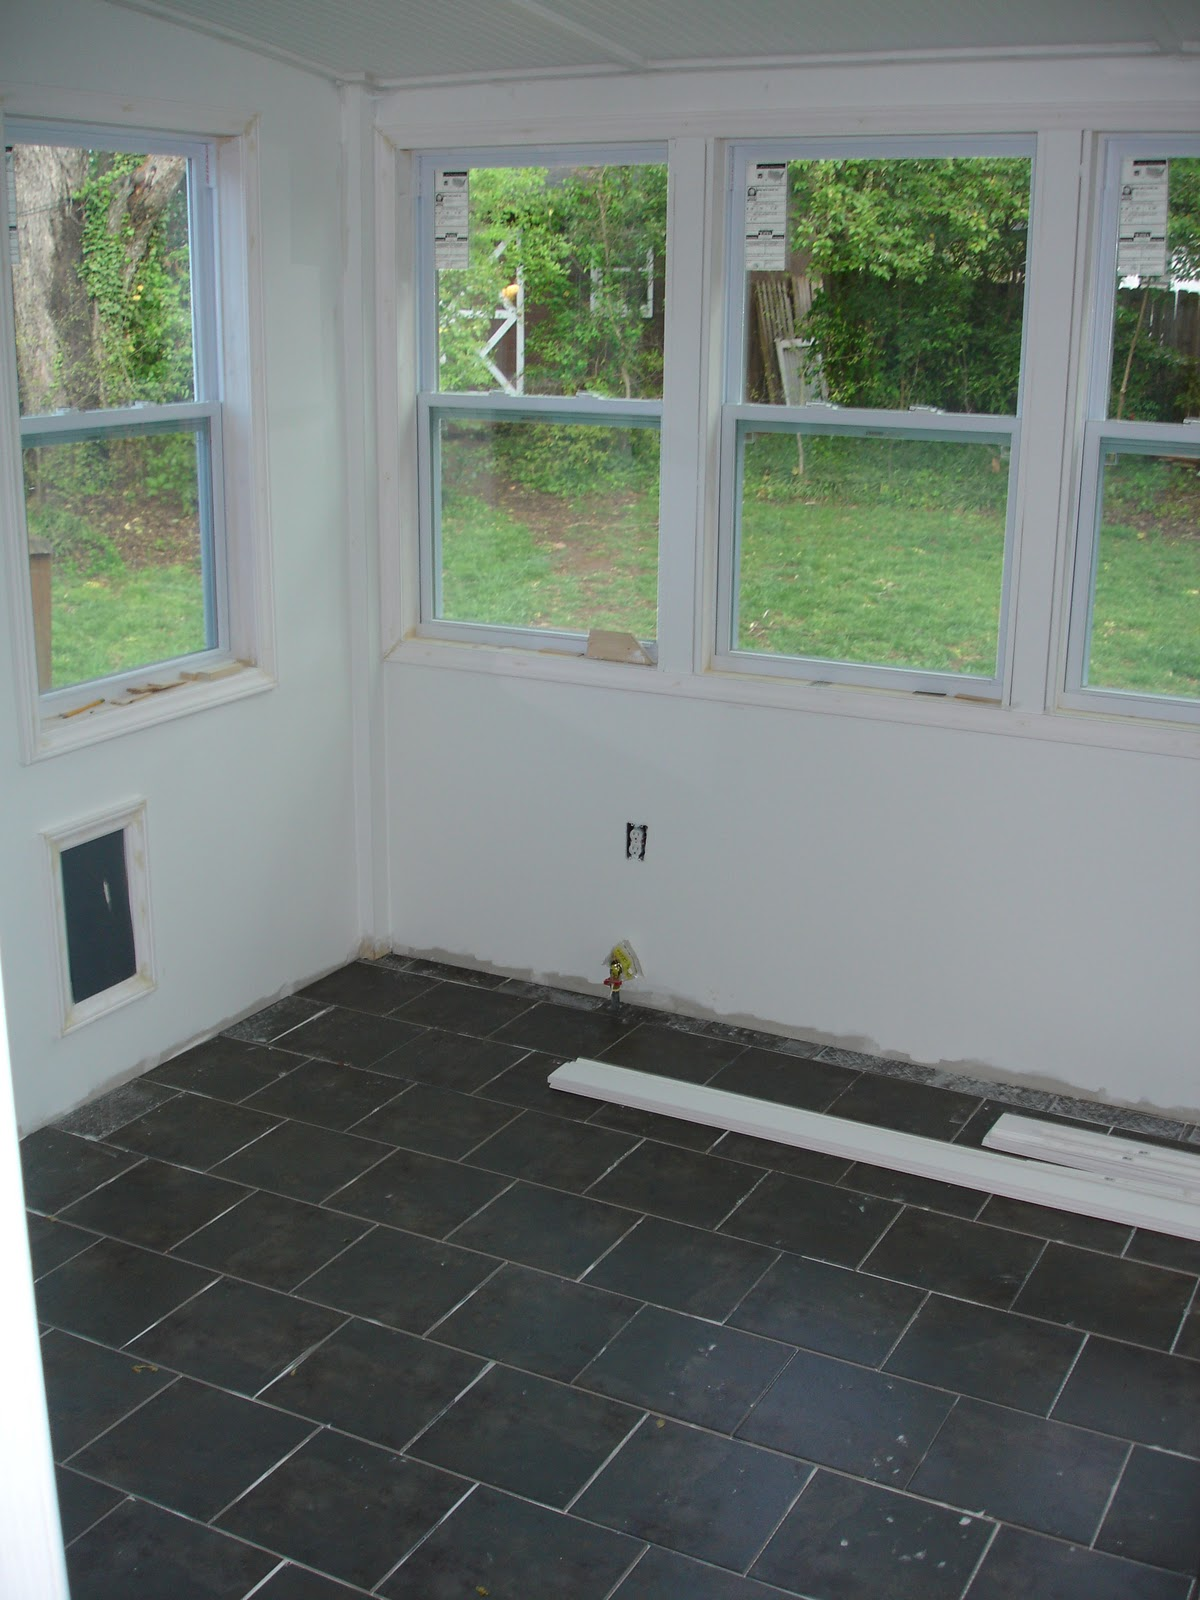 Wedded whittaker sunroom tile check for Solarium flooring